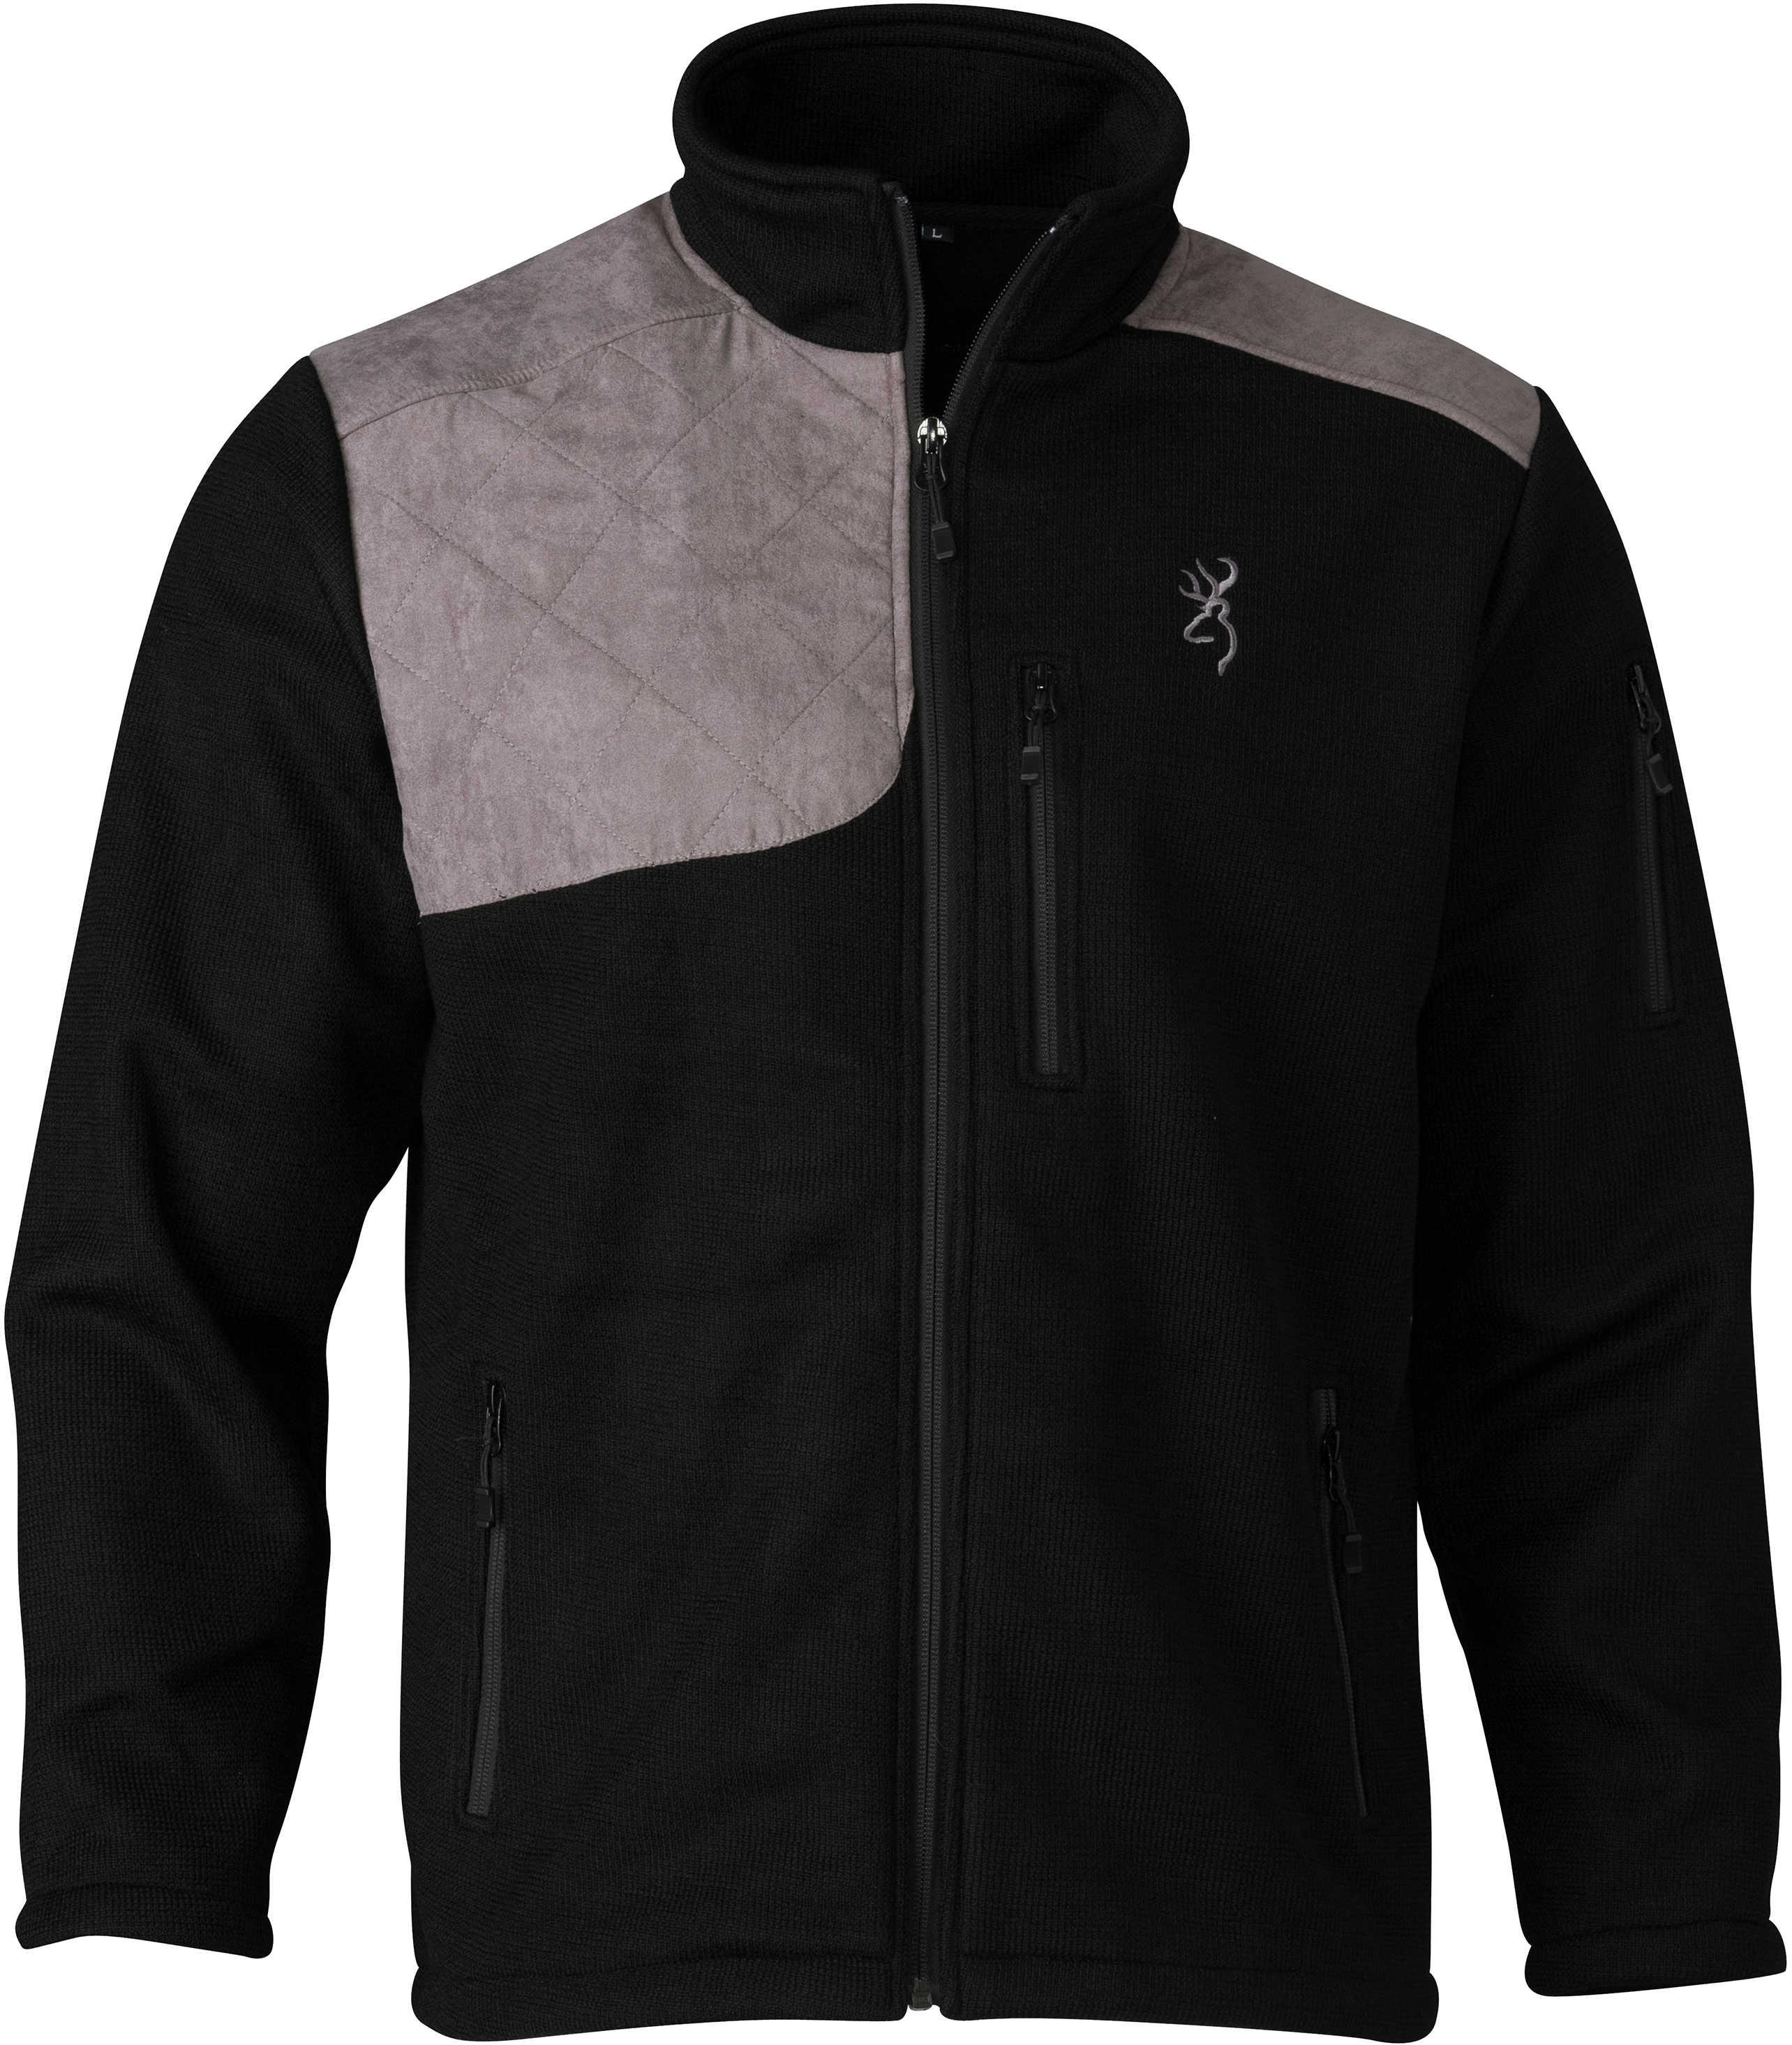 Browning Bridger Shooting Jacket Black/Gray, X-Large Md: 3040809904